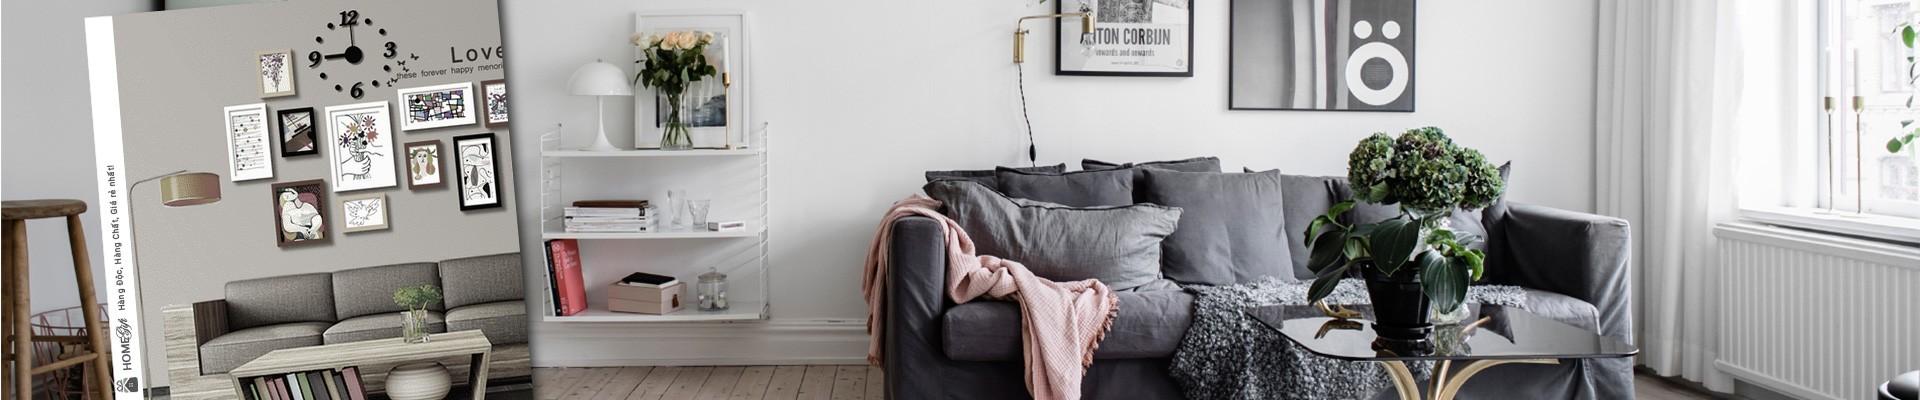 Quà tặng decor và đồ trang trí nhà, đồ trang trí nội thất phòng khách